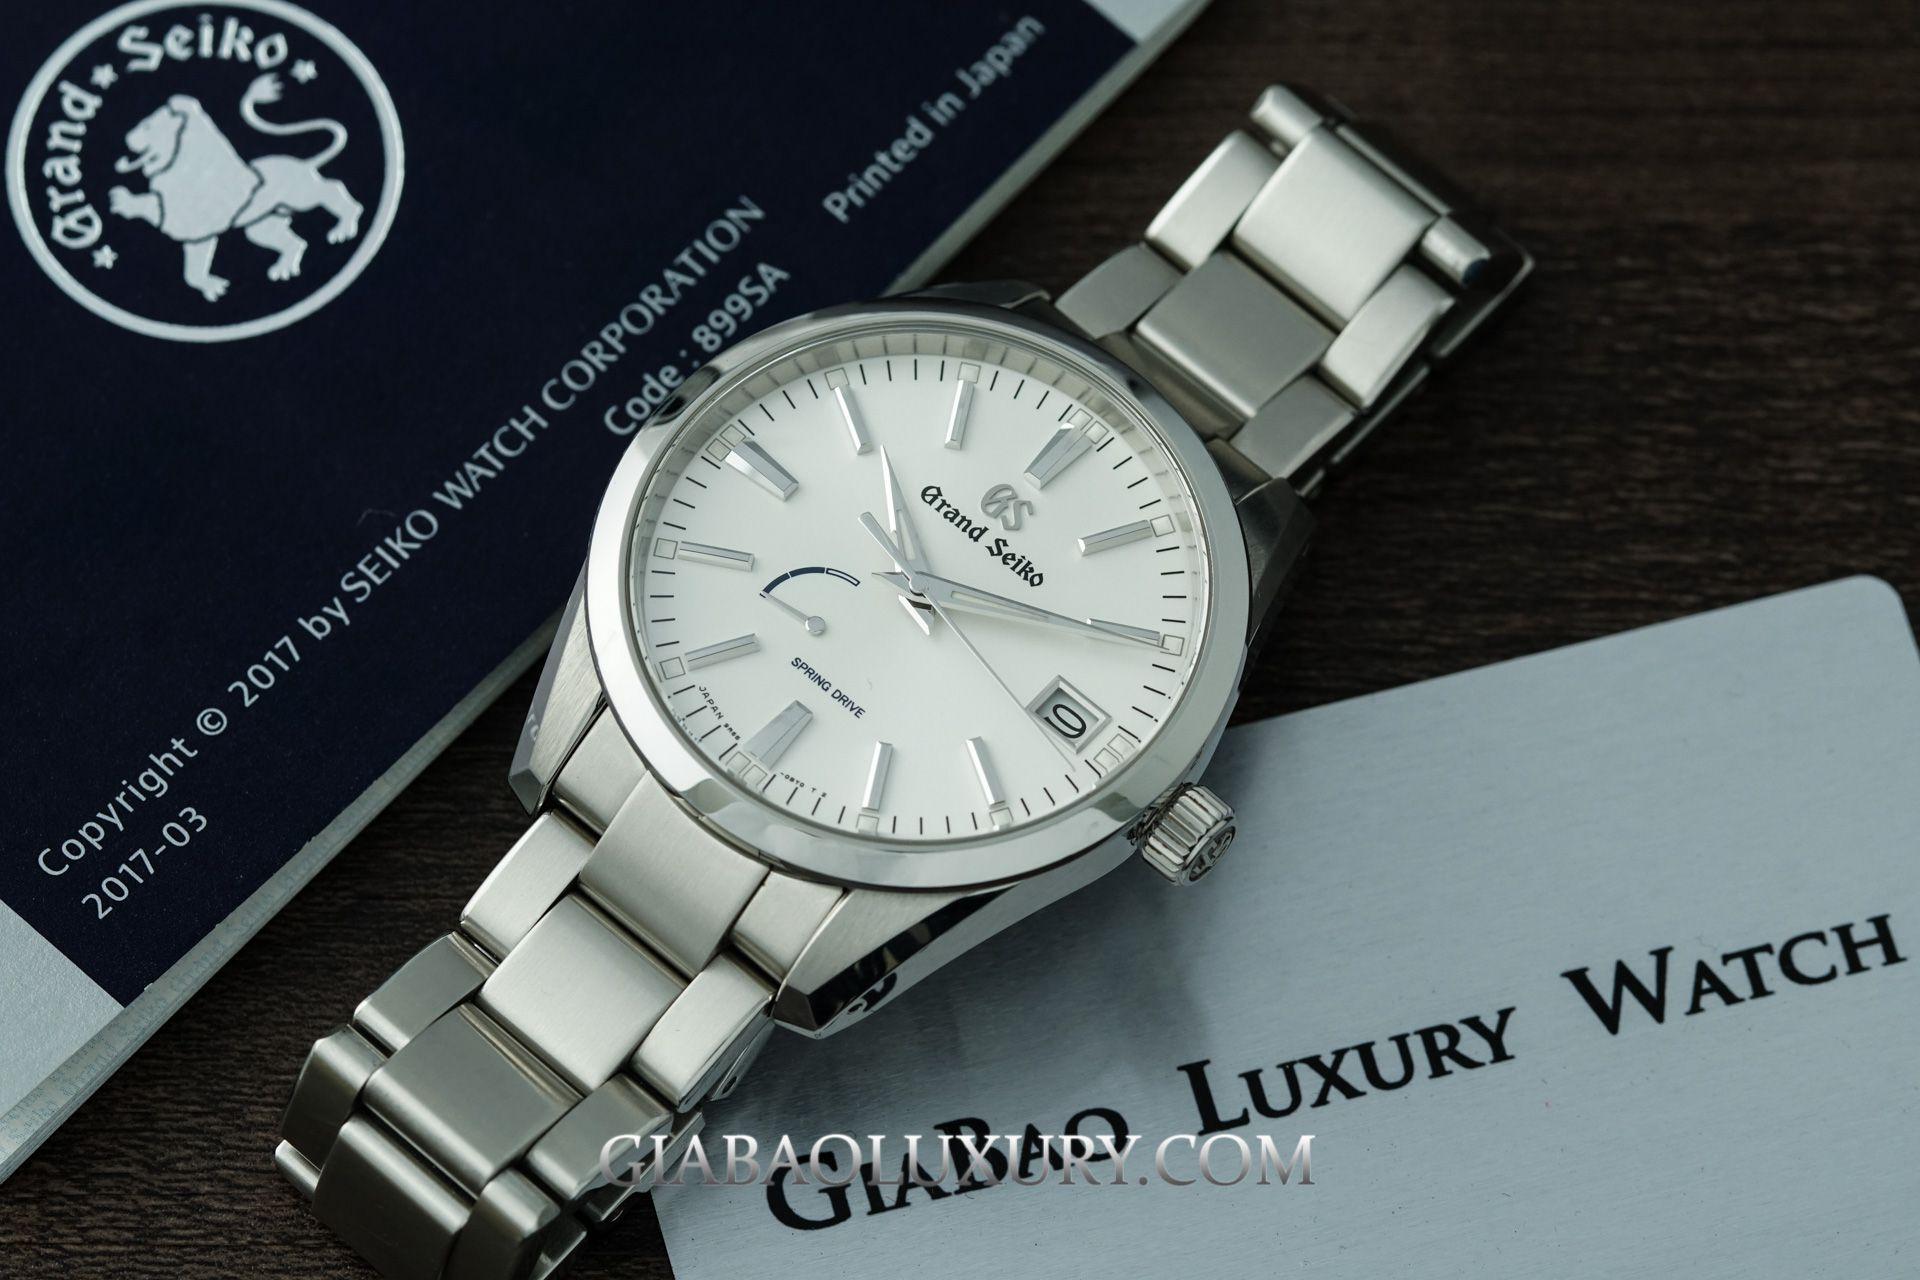 Làm thế nào để bán đồng hồ Grand Seiko với giá tốt nhất thị trường?